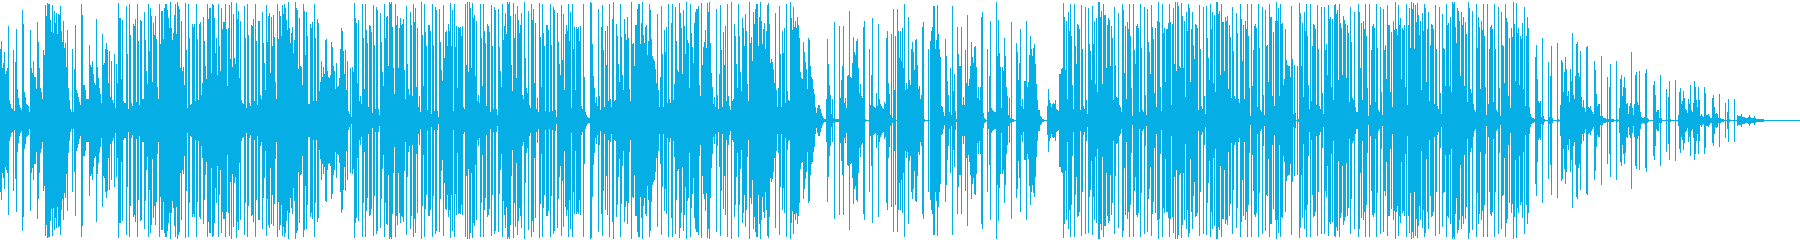 切ない雰囲気のトラップBGMの再生済みの波形